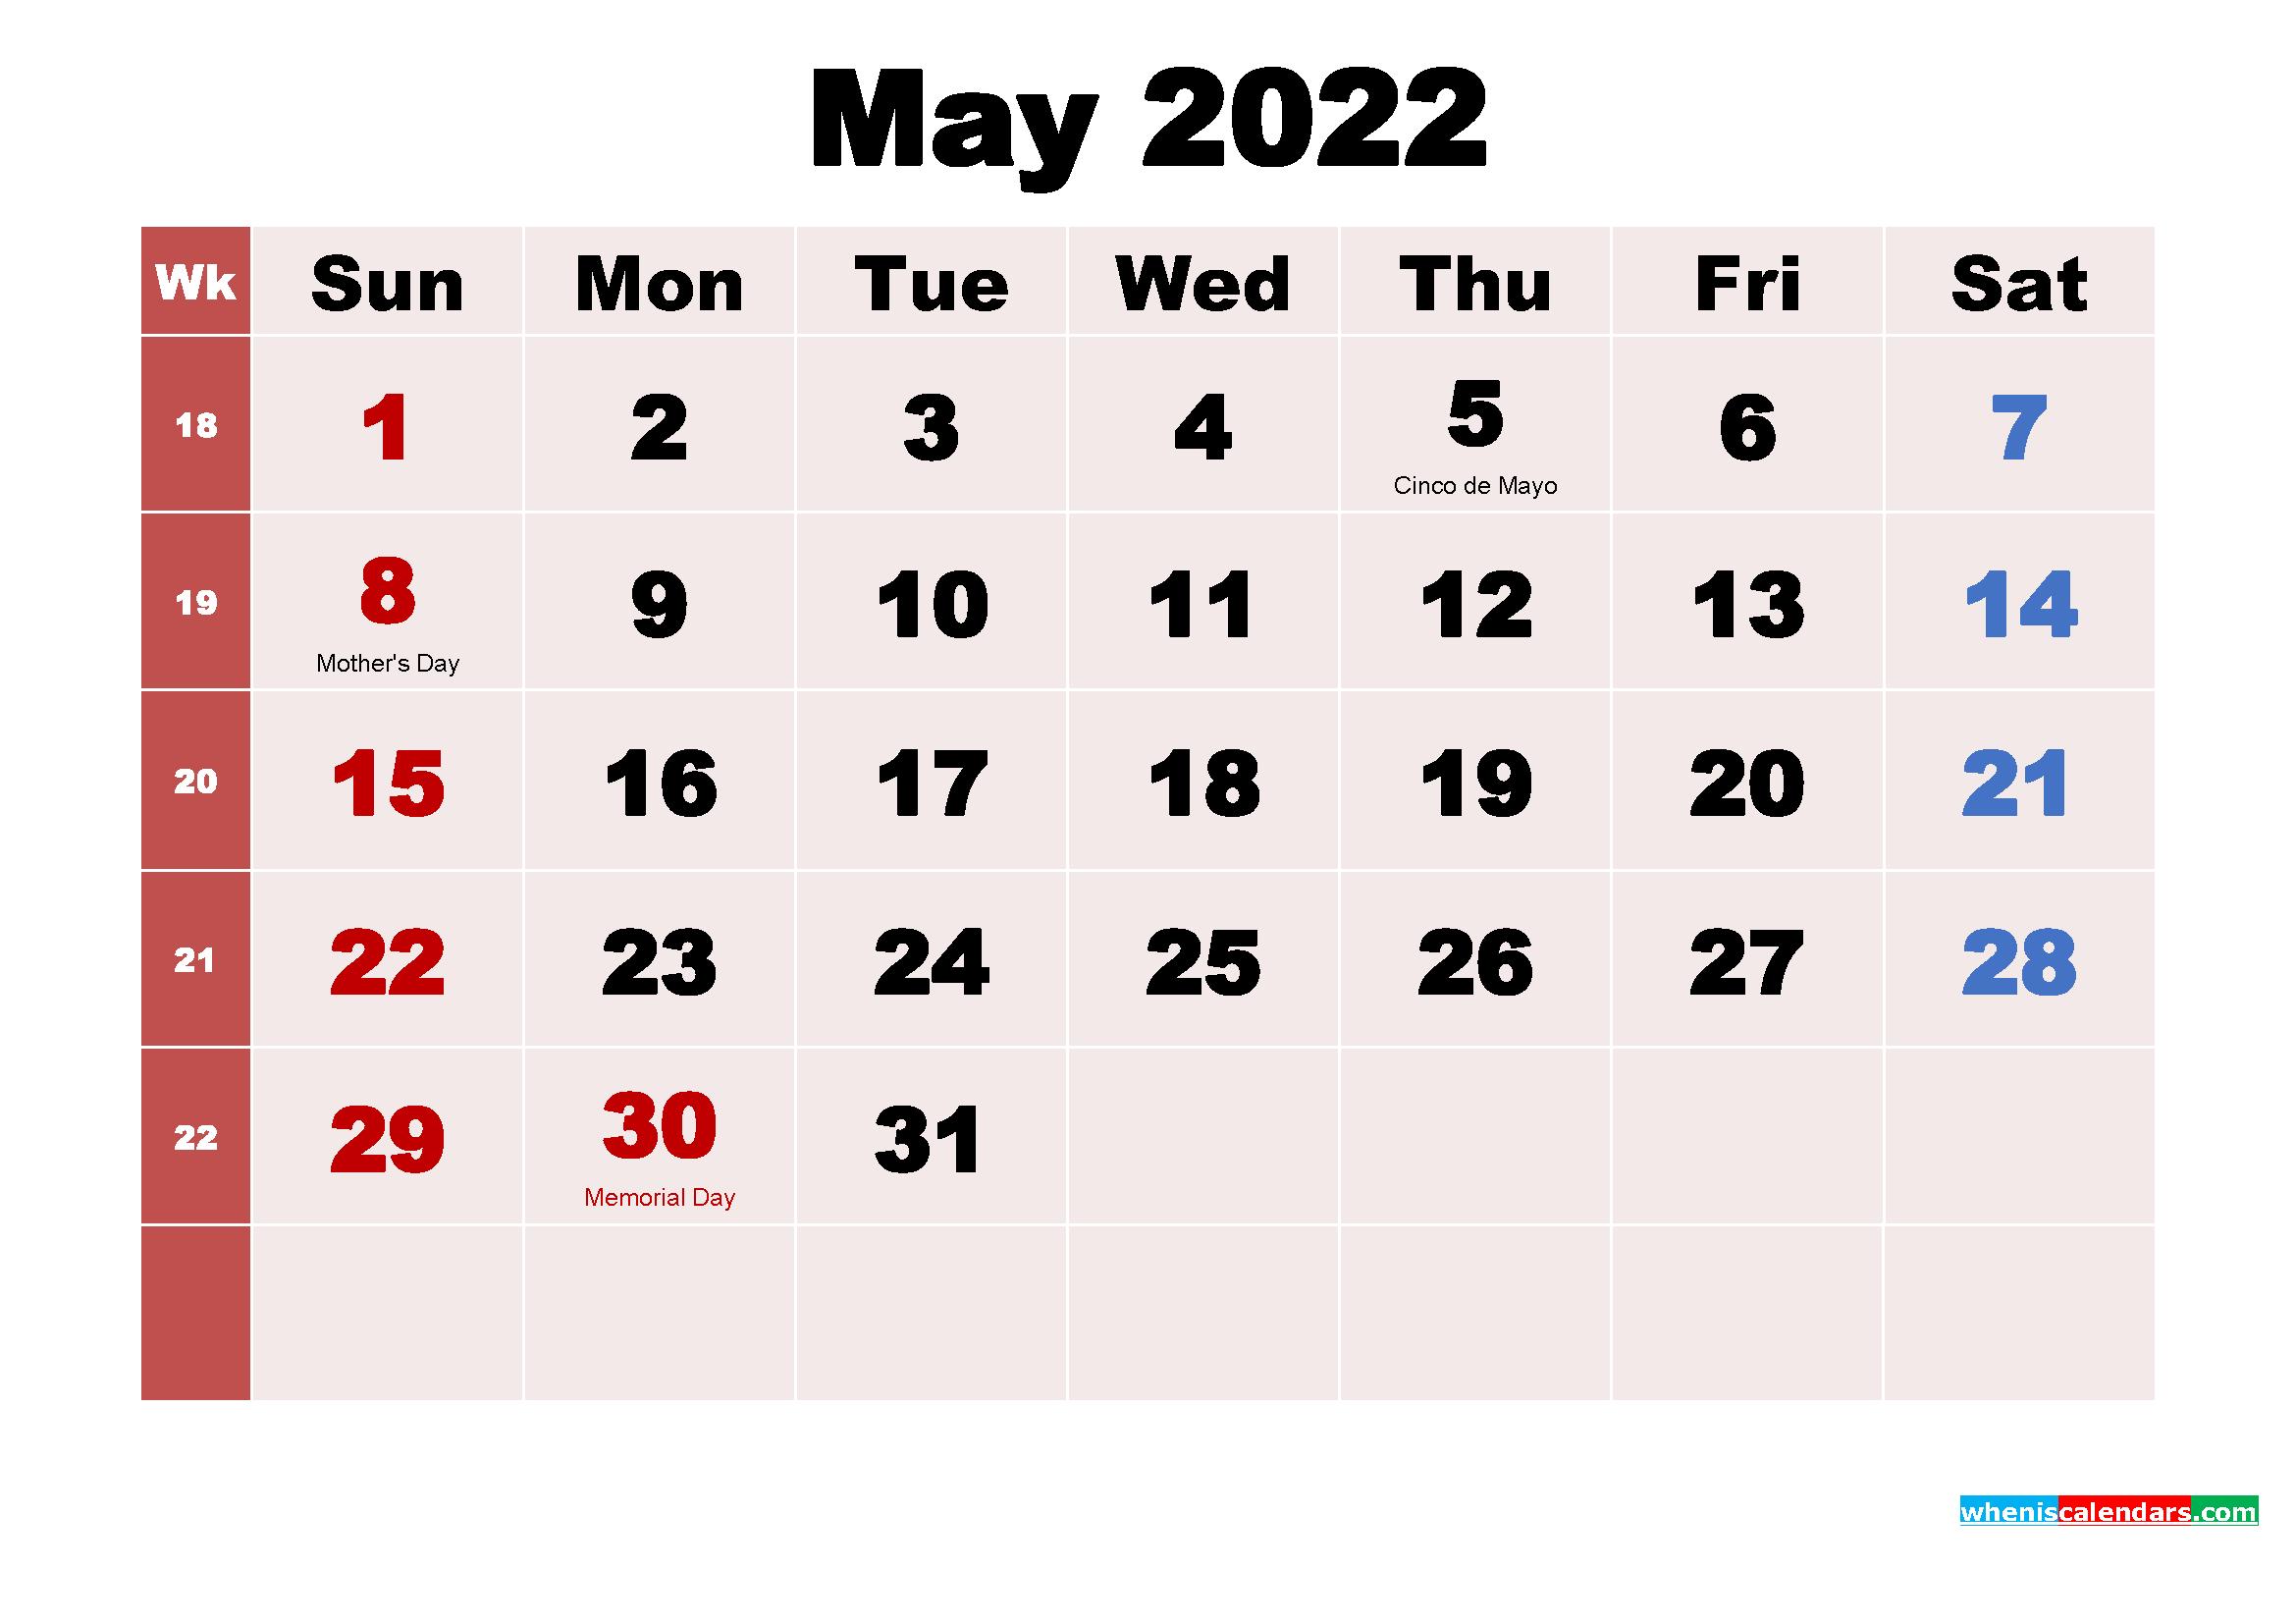 May 2022 Calendar Wallpaper Free Download